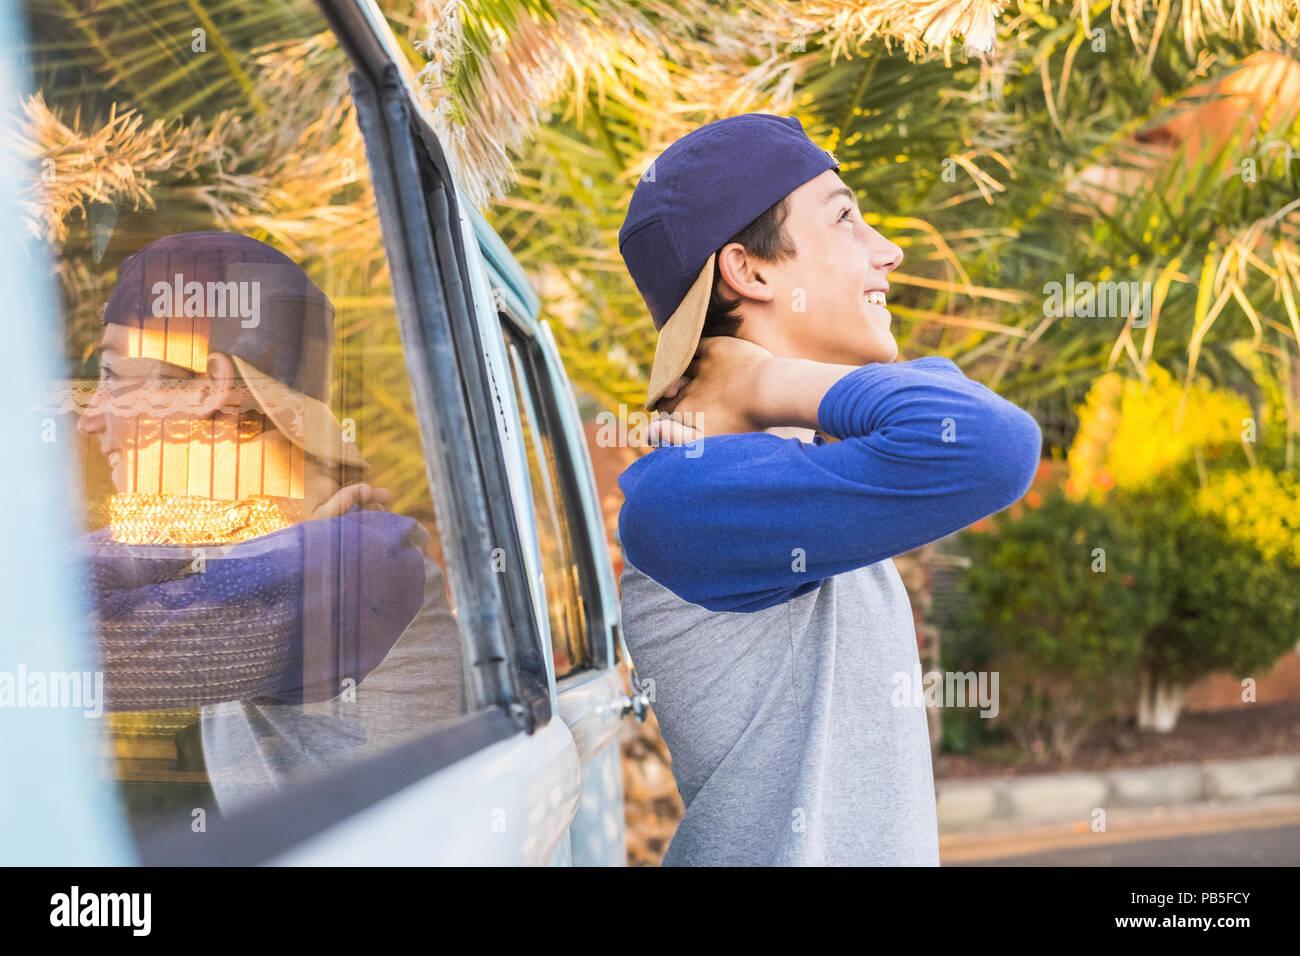 Beau mâle adolescent en tenue décontractée en plein air activité de loisirs smiling et profiter du climat tropical. miroir dans un véhicule van vintage Photo Stock